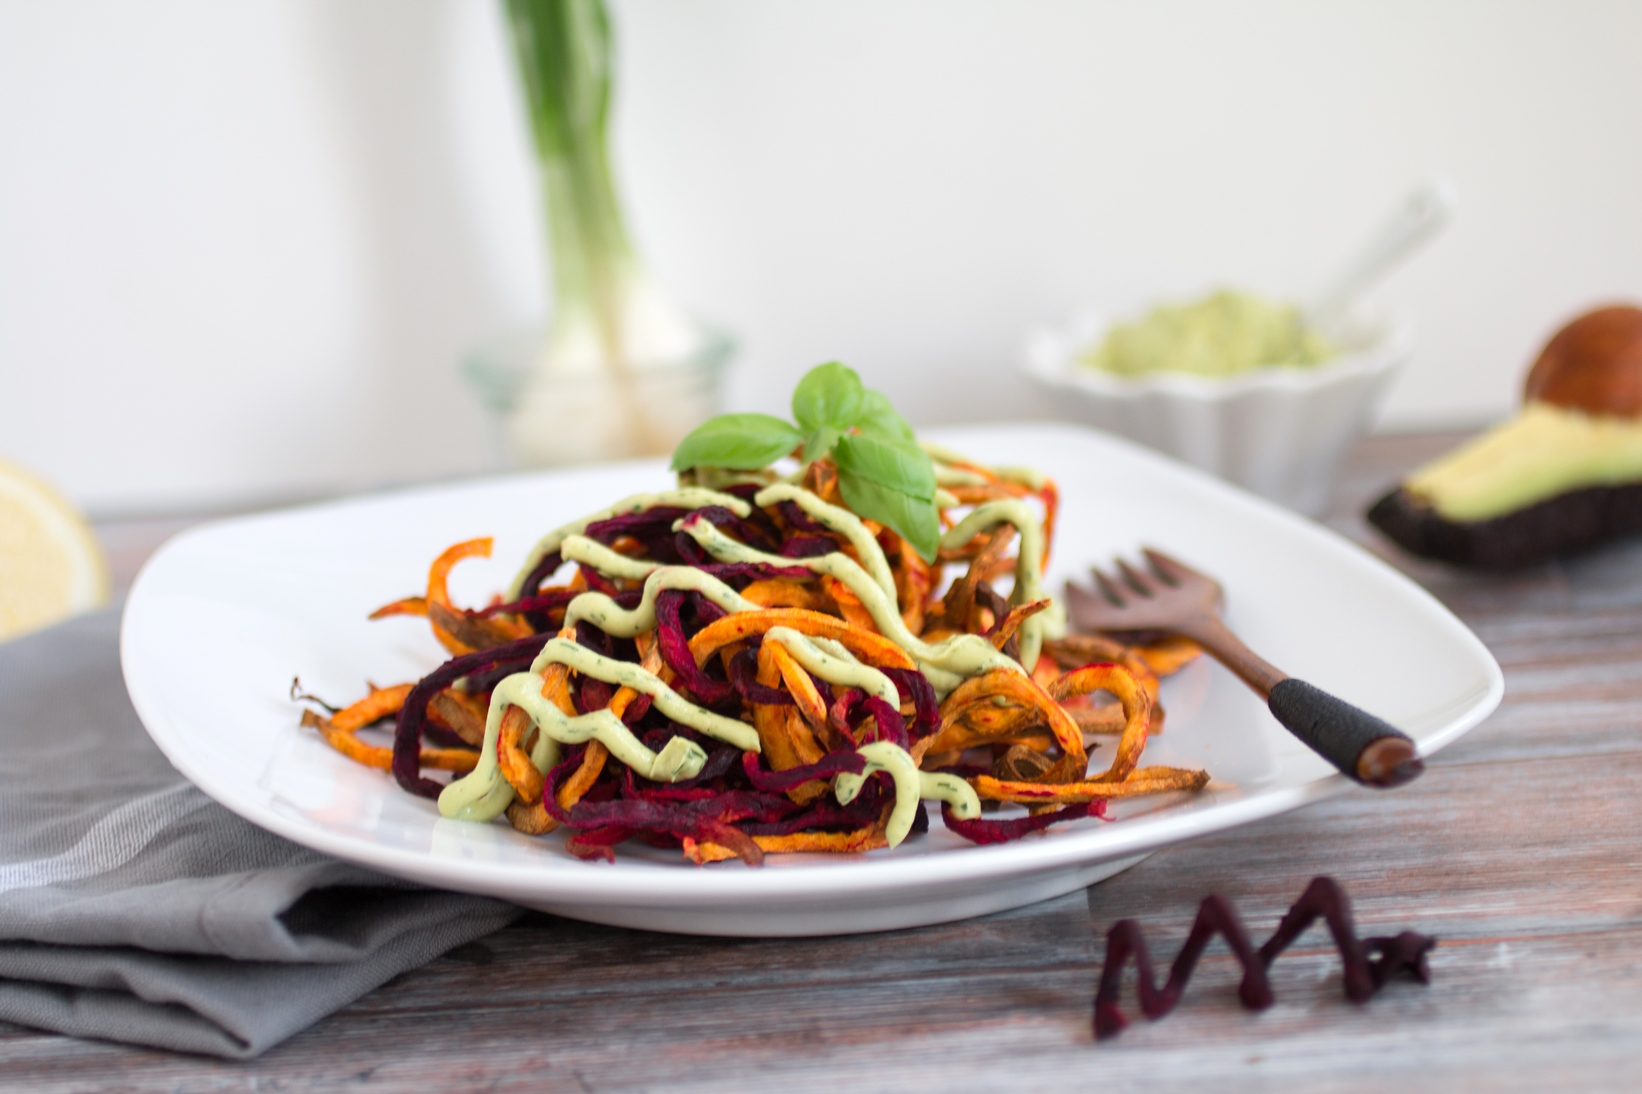 Bunte Gemüsespiralen aus der Heißluftfritteuse